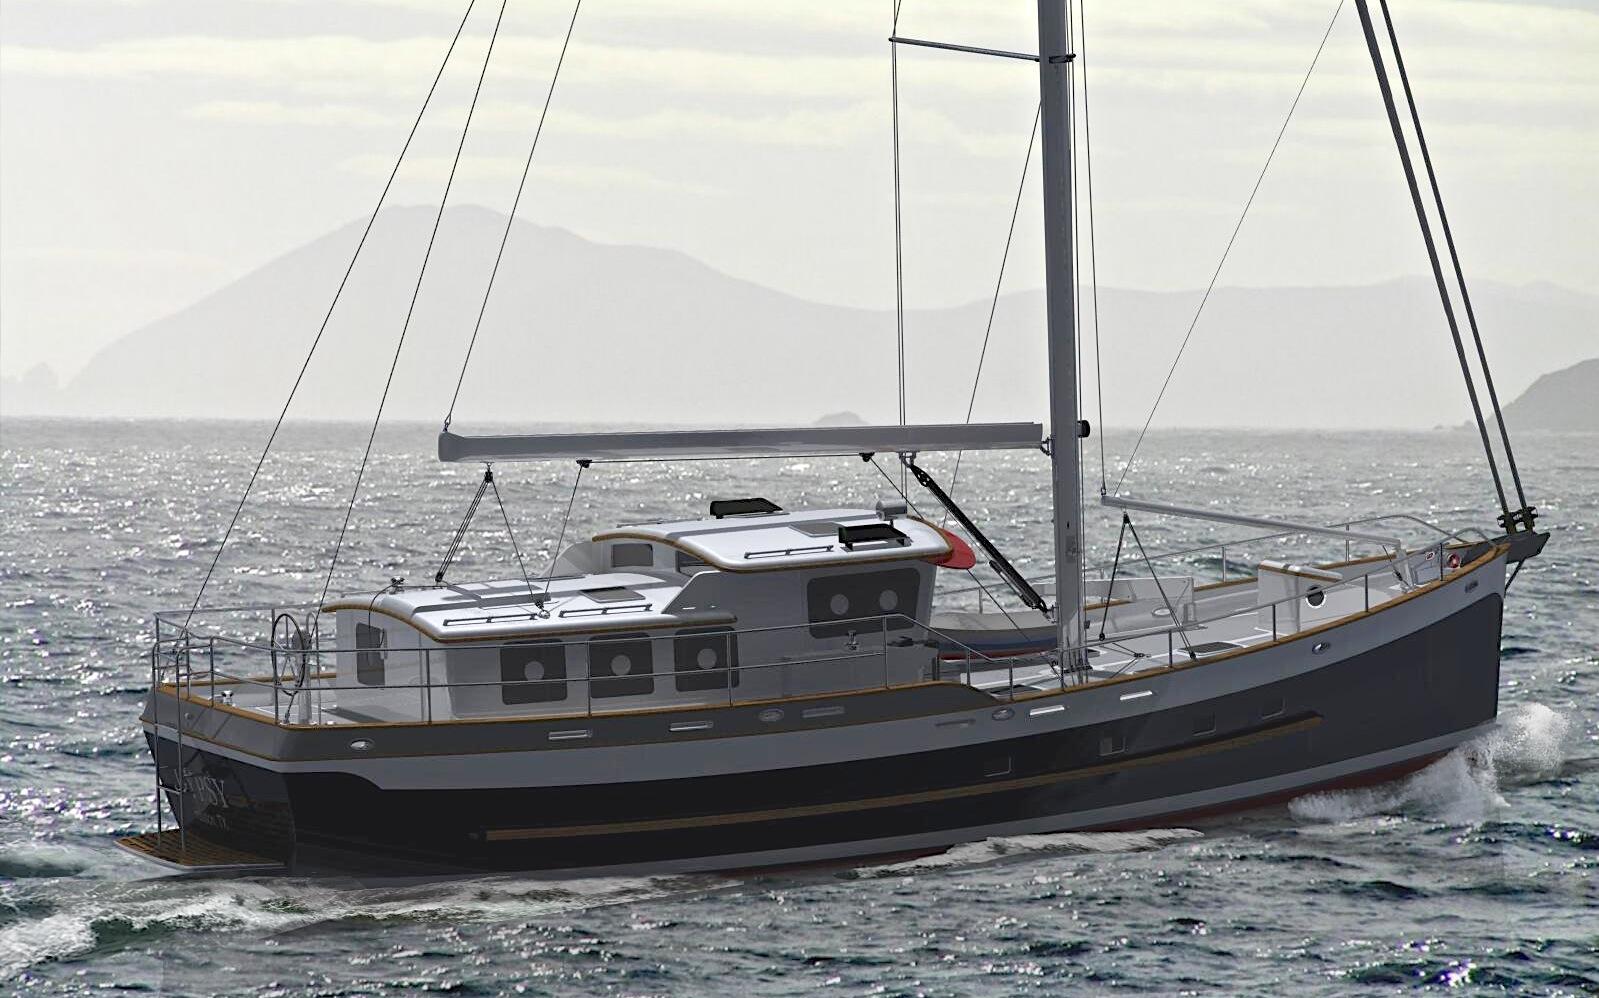 Motorsailer Boat Plans - PicsAnt